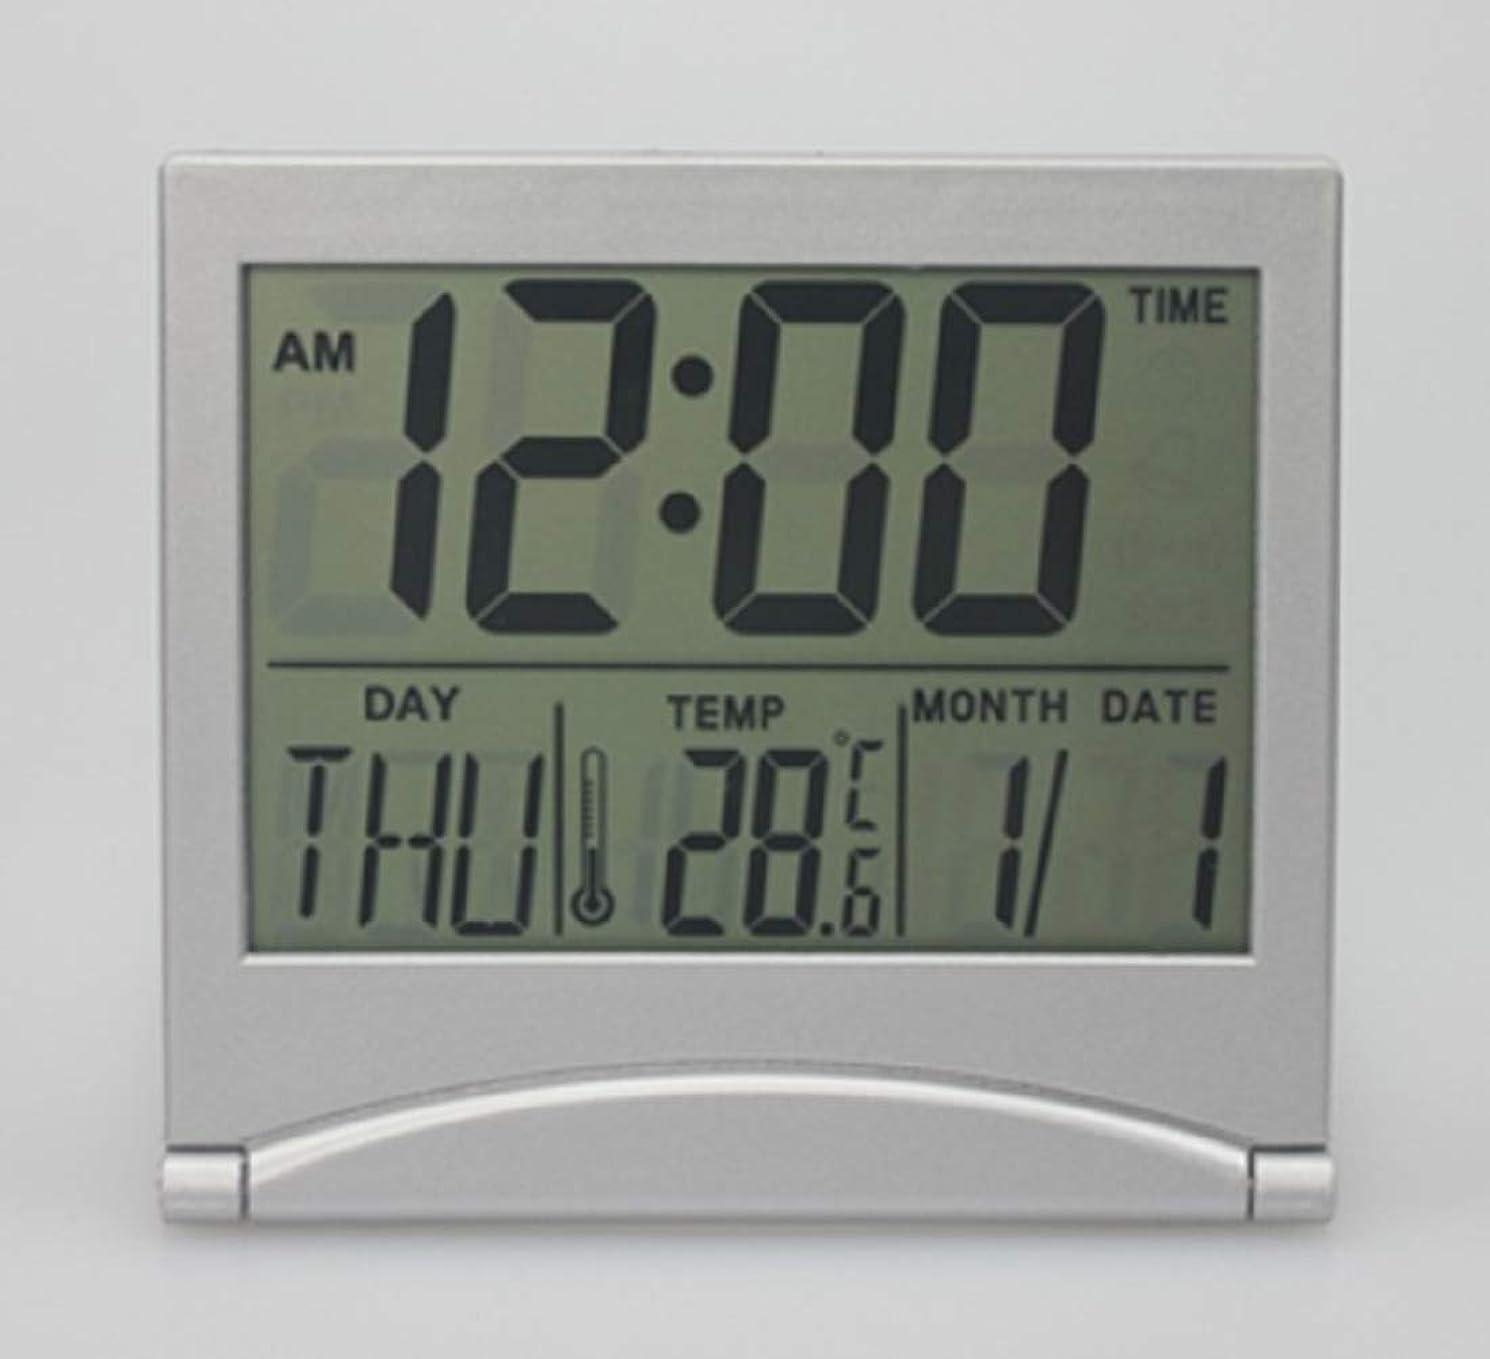 特殊ラメ虐待デジタル コンパクト 時計 デスククオーツ 置き時計 目覚まし時計 アラーム 机の上 ベットサイドに 軽量 持ち歩き 旅行携帯 近眼 老眼でも 裸眼で見えやすい大きさ表示